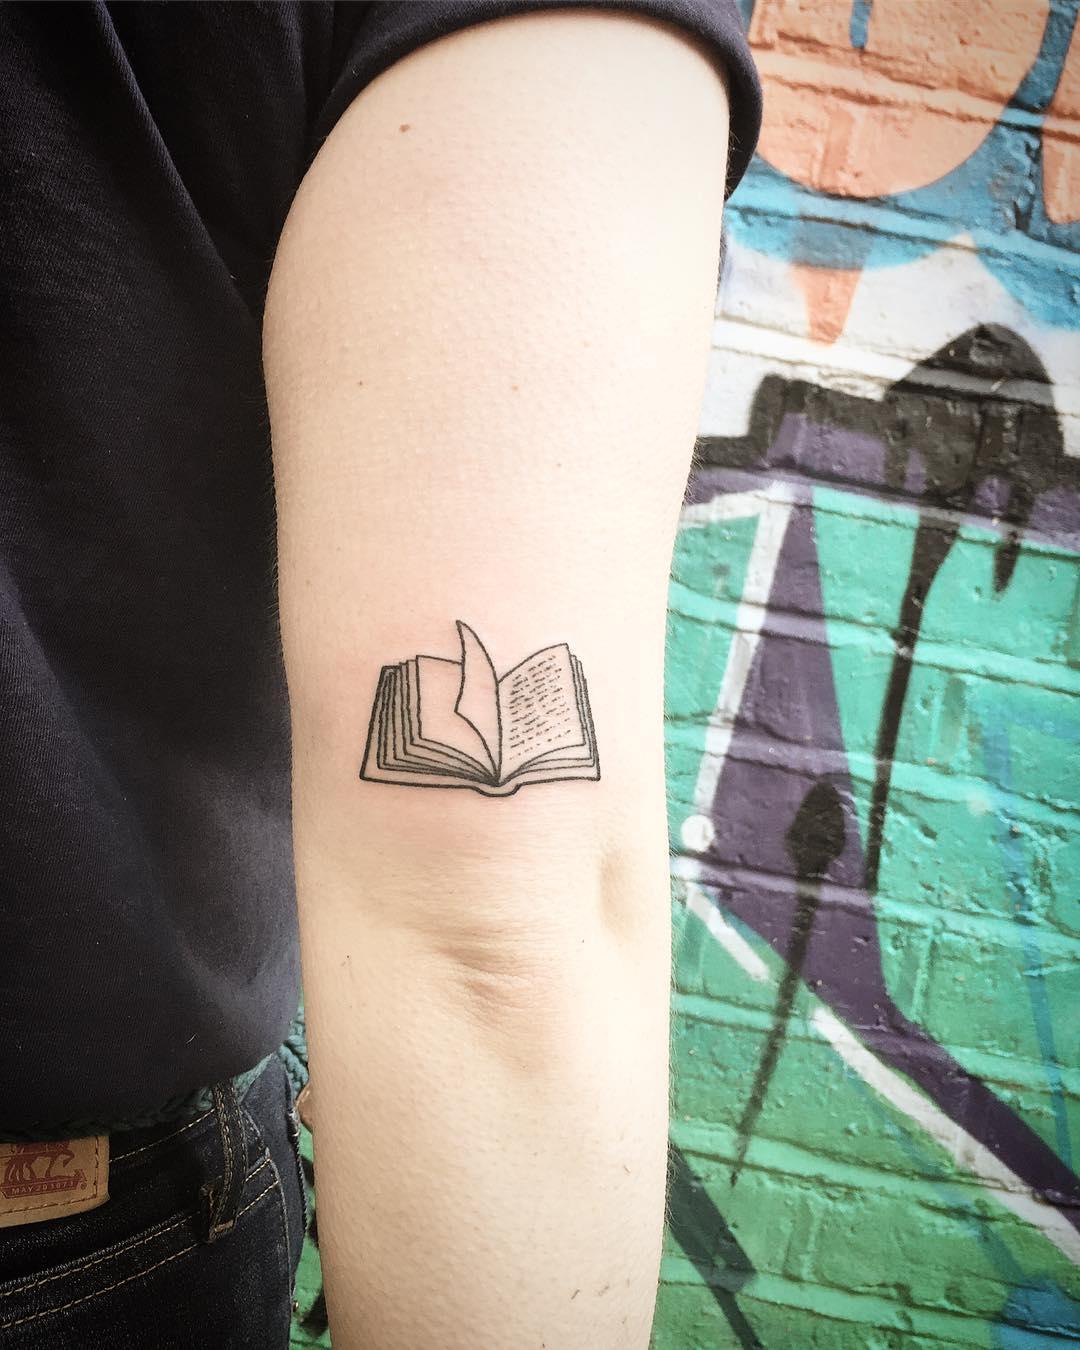 Cute little notebook tattoo by Kirk Budden